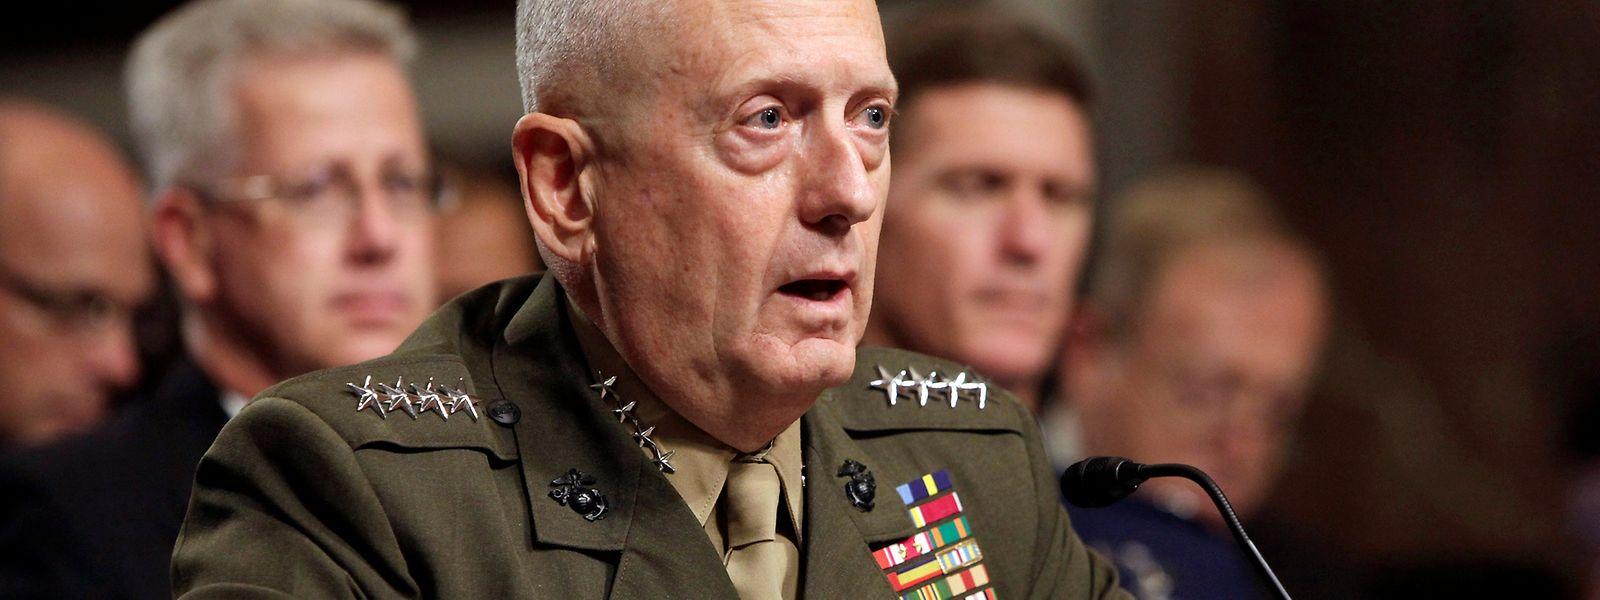 General James Mattis beginnt nach seiner Pensionierung noch eine zweite Karriere als Verteidigungsminister.